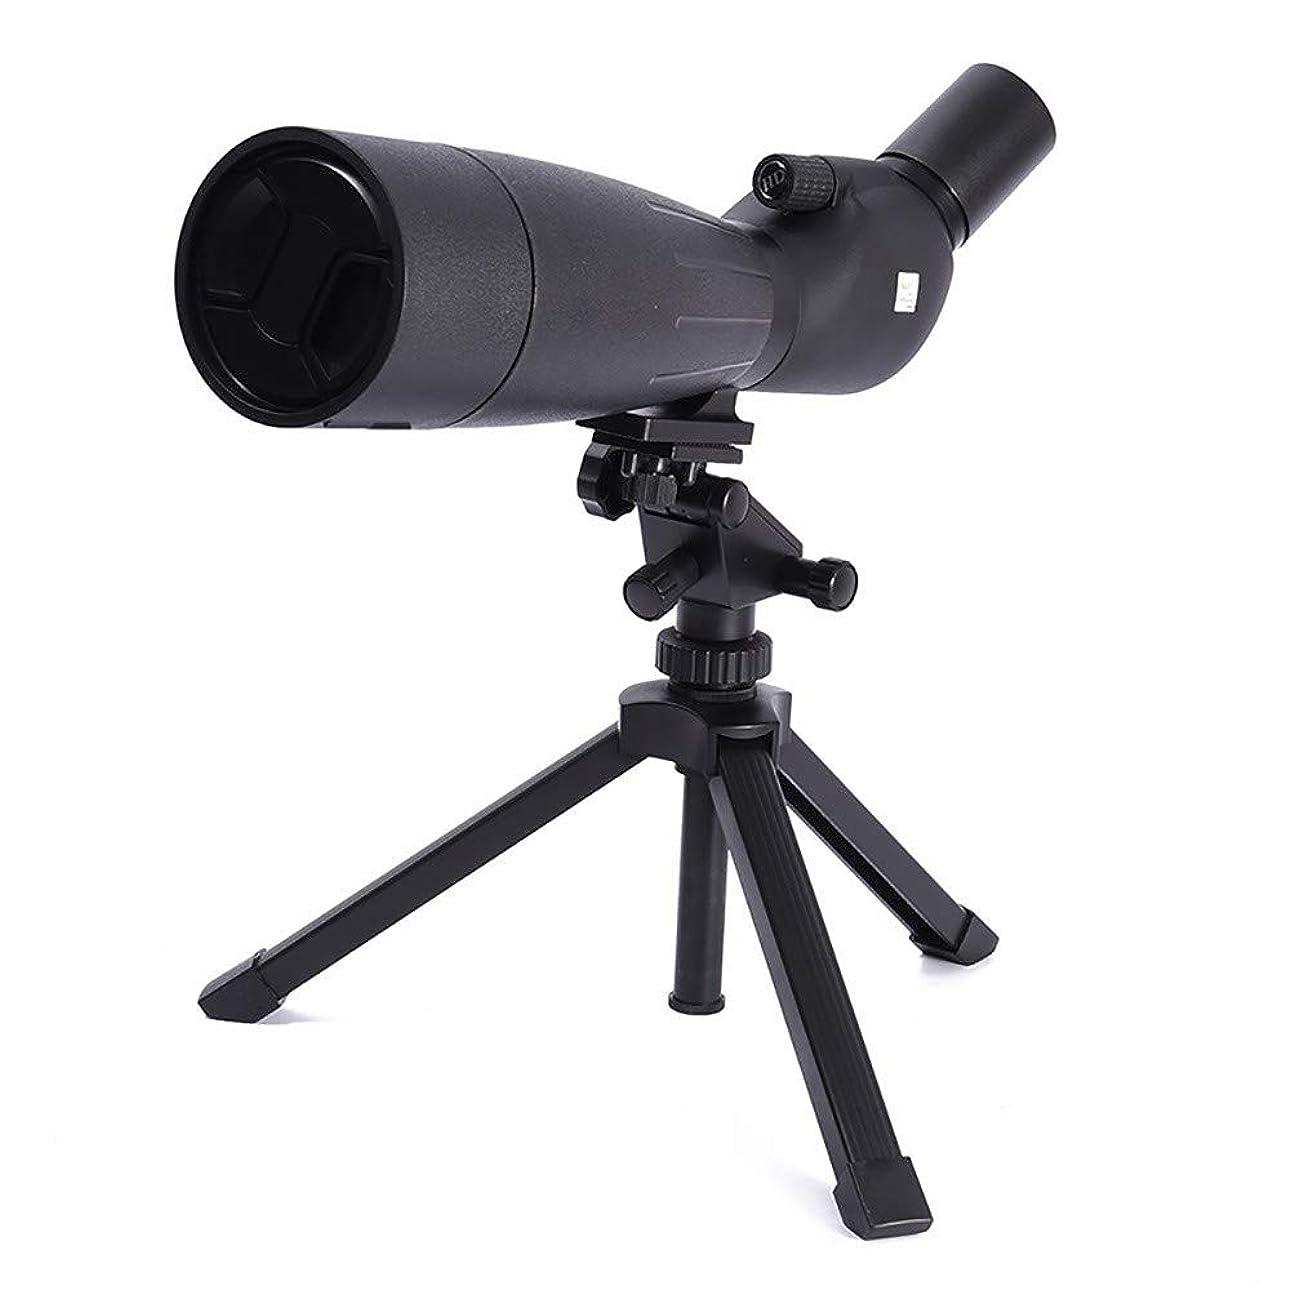 深める雑草高くZXASDC 単眼鏡カメラ 望遠鏡 20-60x 防水 BAK-4 プリズム ハイパワー フォト望遠鏡 大人 バードウォッチング 野生動物 旅行 コンサート スポーツなどに (ブラック)